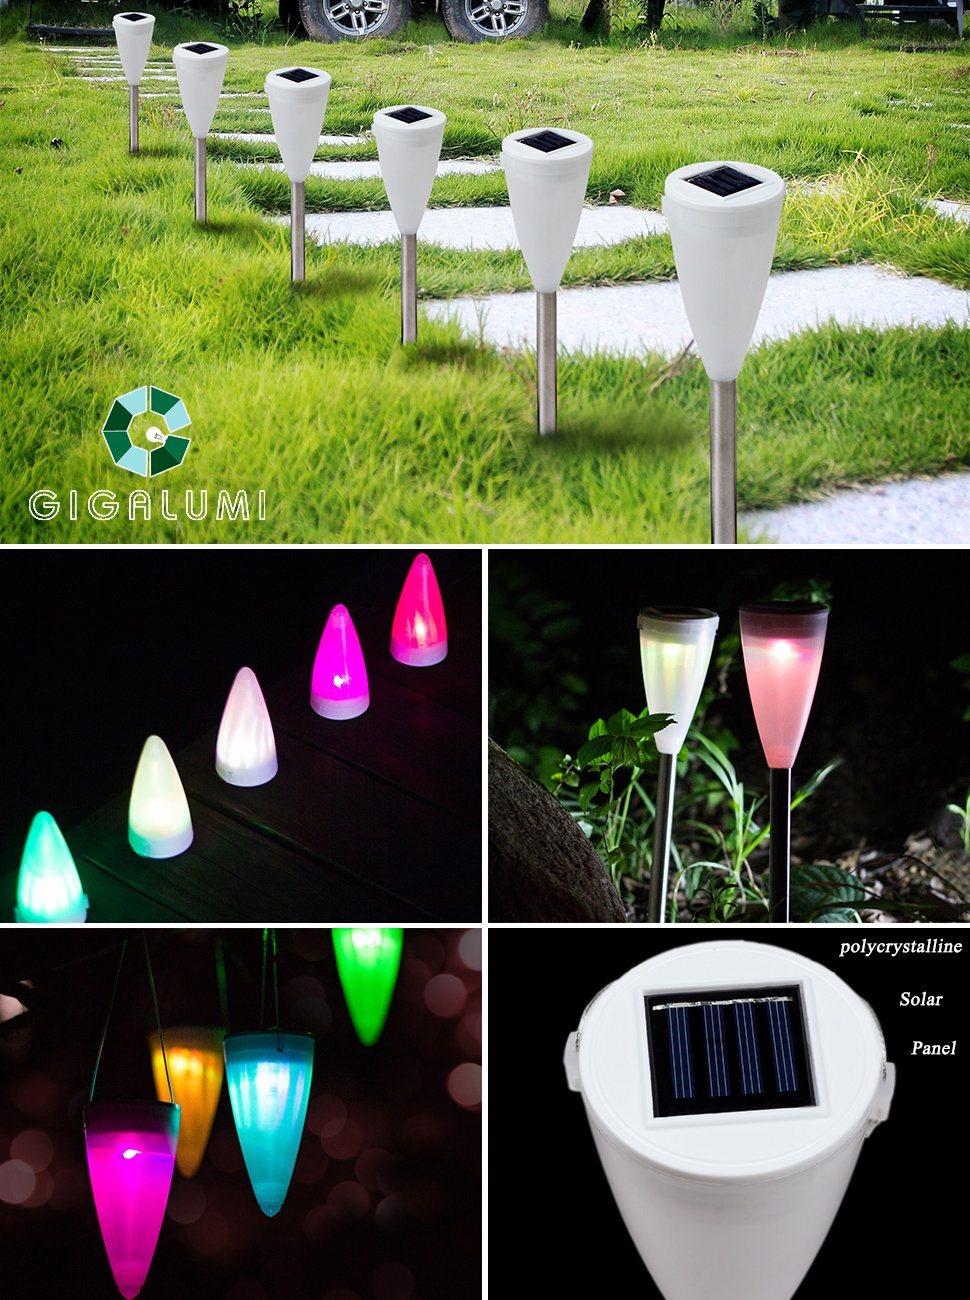 shop for gigalumi color changing solar lights outdoor garden led light landscape pathway. Black Bedroom Furniture Sets. Home Design Ideas